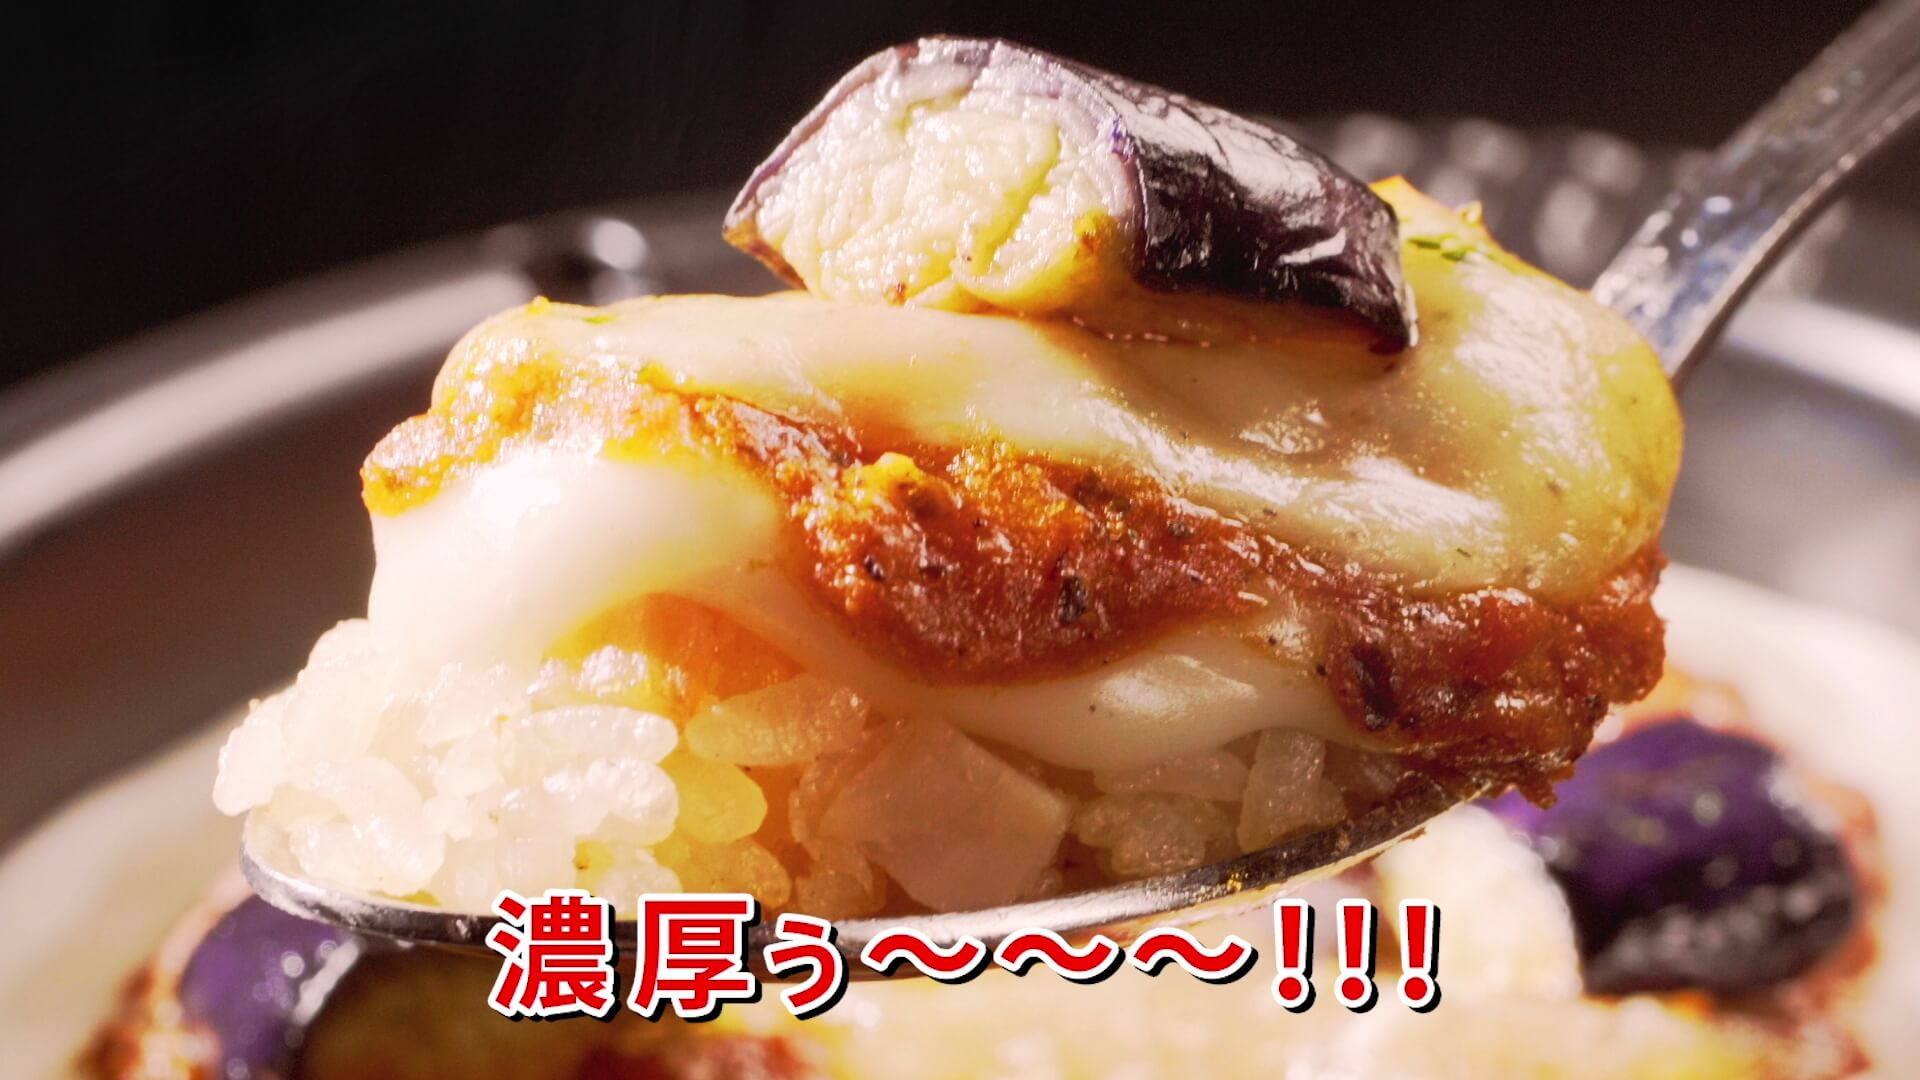 誇張した食レポ、エビのモノマネ…ハリウッドザコシショウの姿に思わず二度見してしまう「満足丼」WEBCM4本が公開 gourmet190917_manzokudon_8